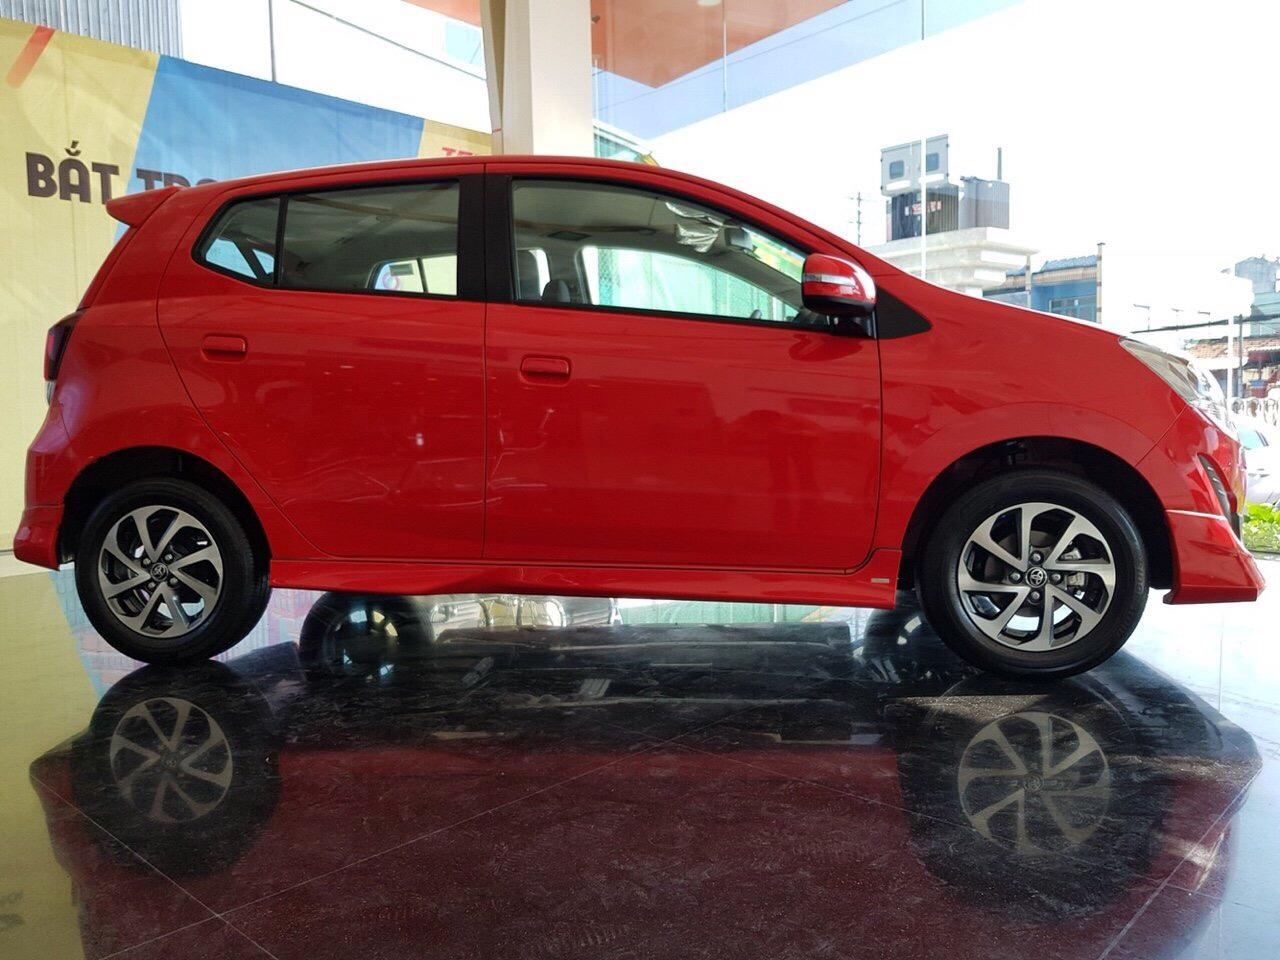 Hình ảnh xe Wigo màu đỏ ảnh 6 - Toyota Wigo: giá xe và khuyến mãi tháng [hienthithang]/[hienthinam]